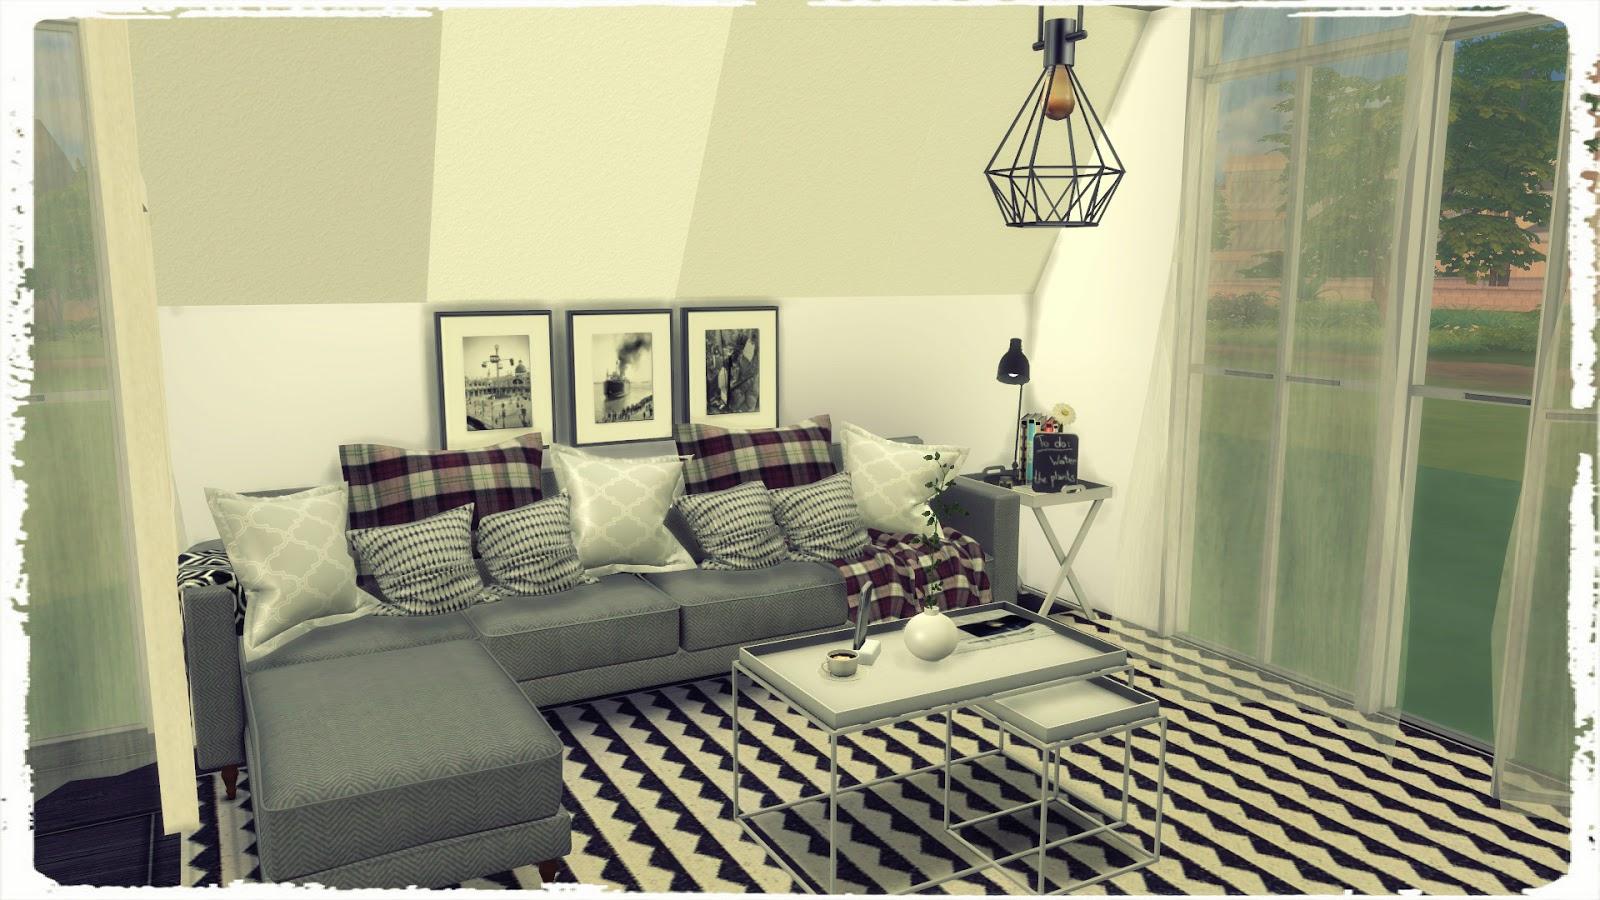 Sims 4 holmsund livingroom build decoration dinha for Build a living room